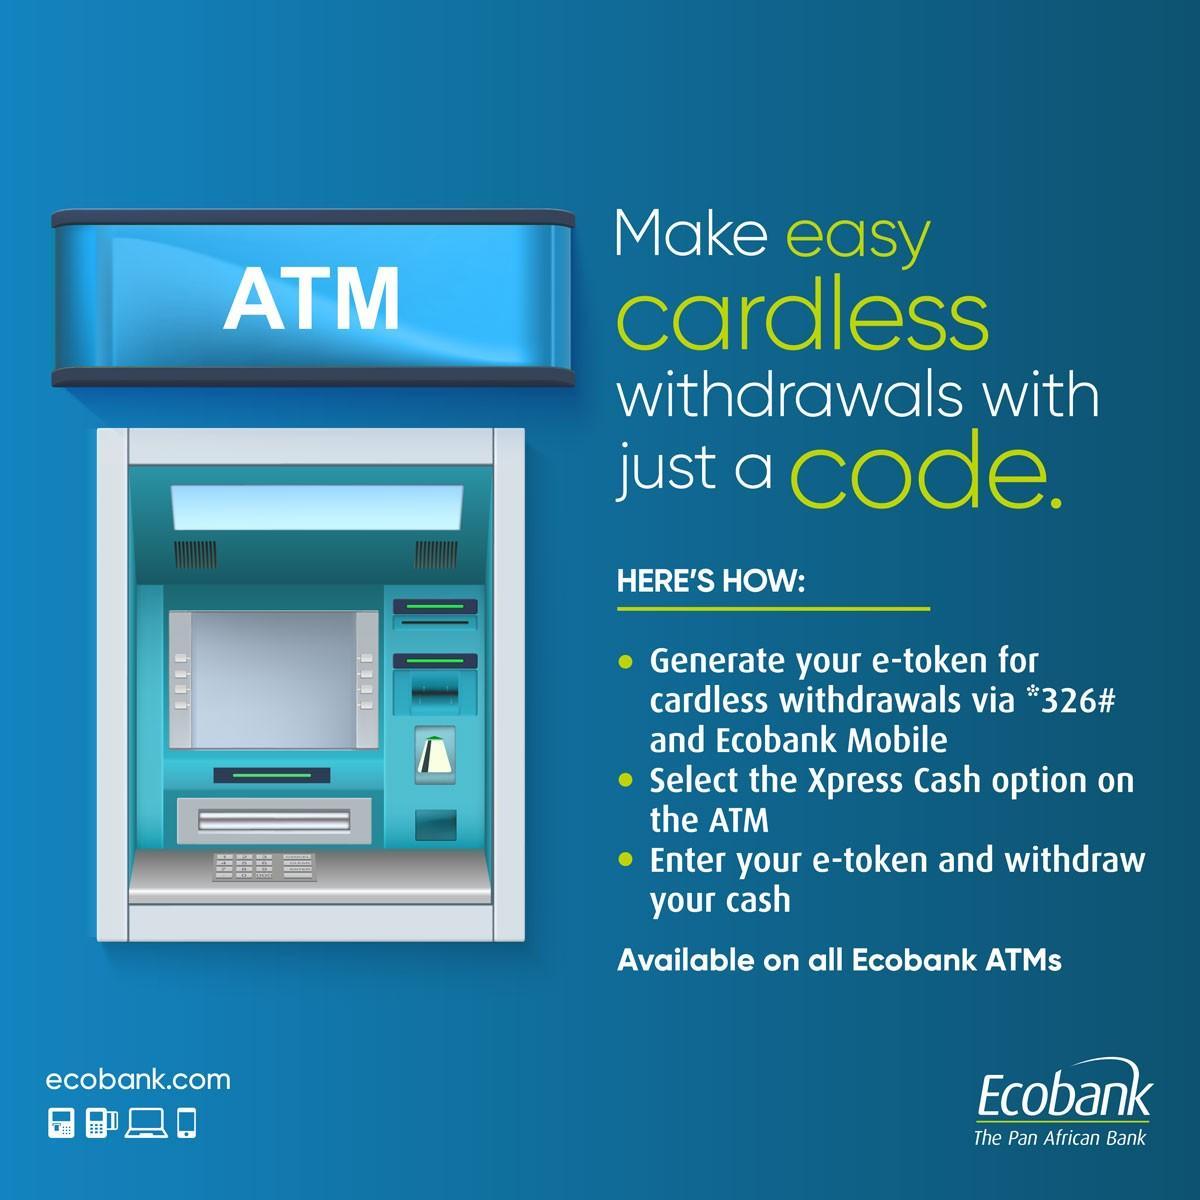 Eco Bank Cardless Withdrawal